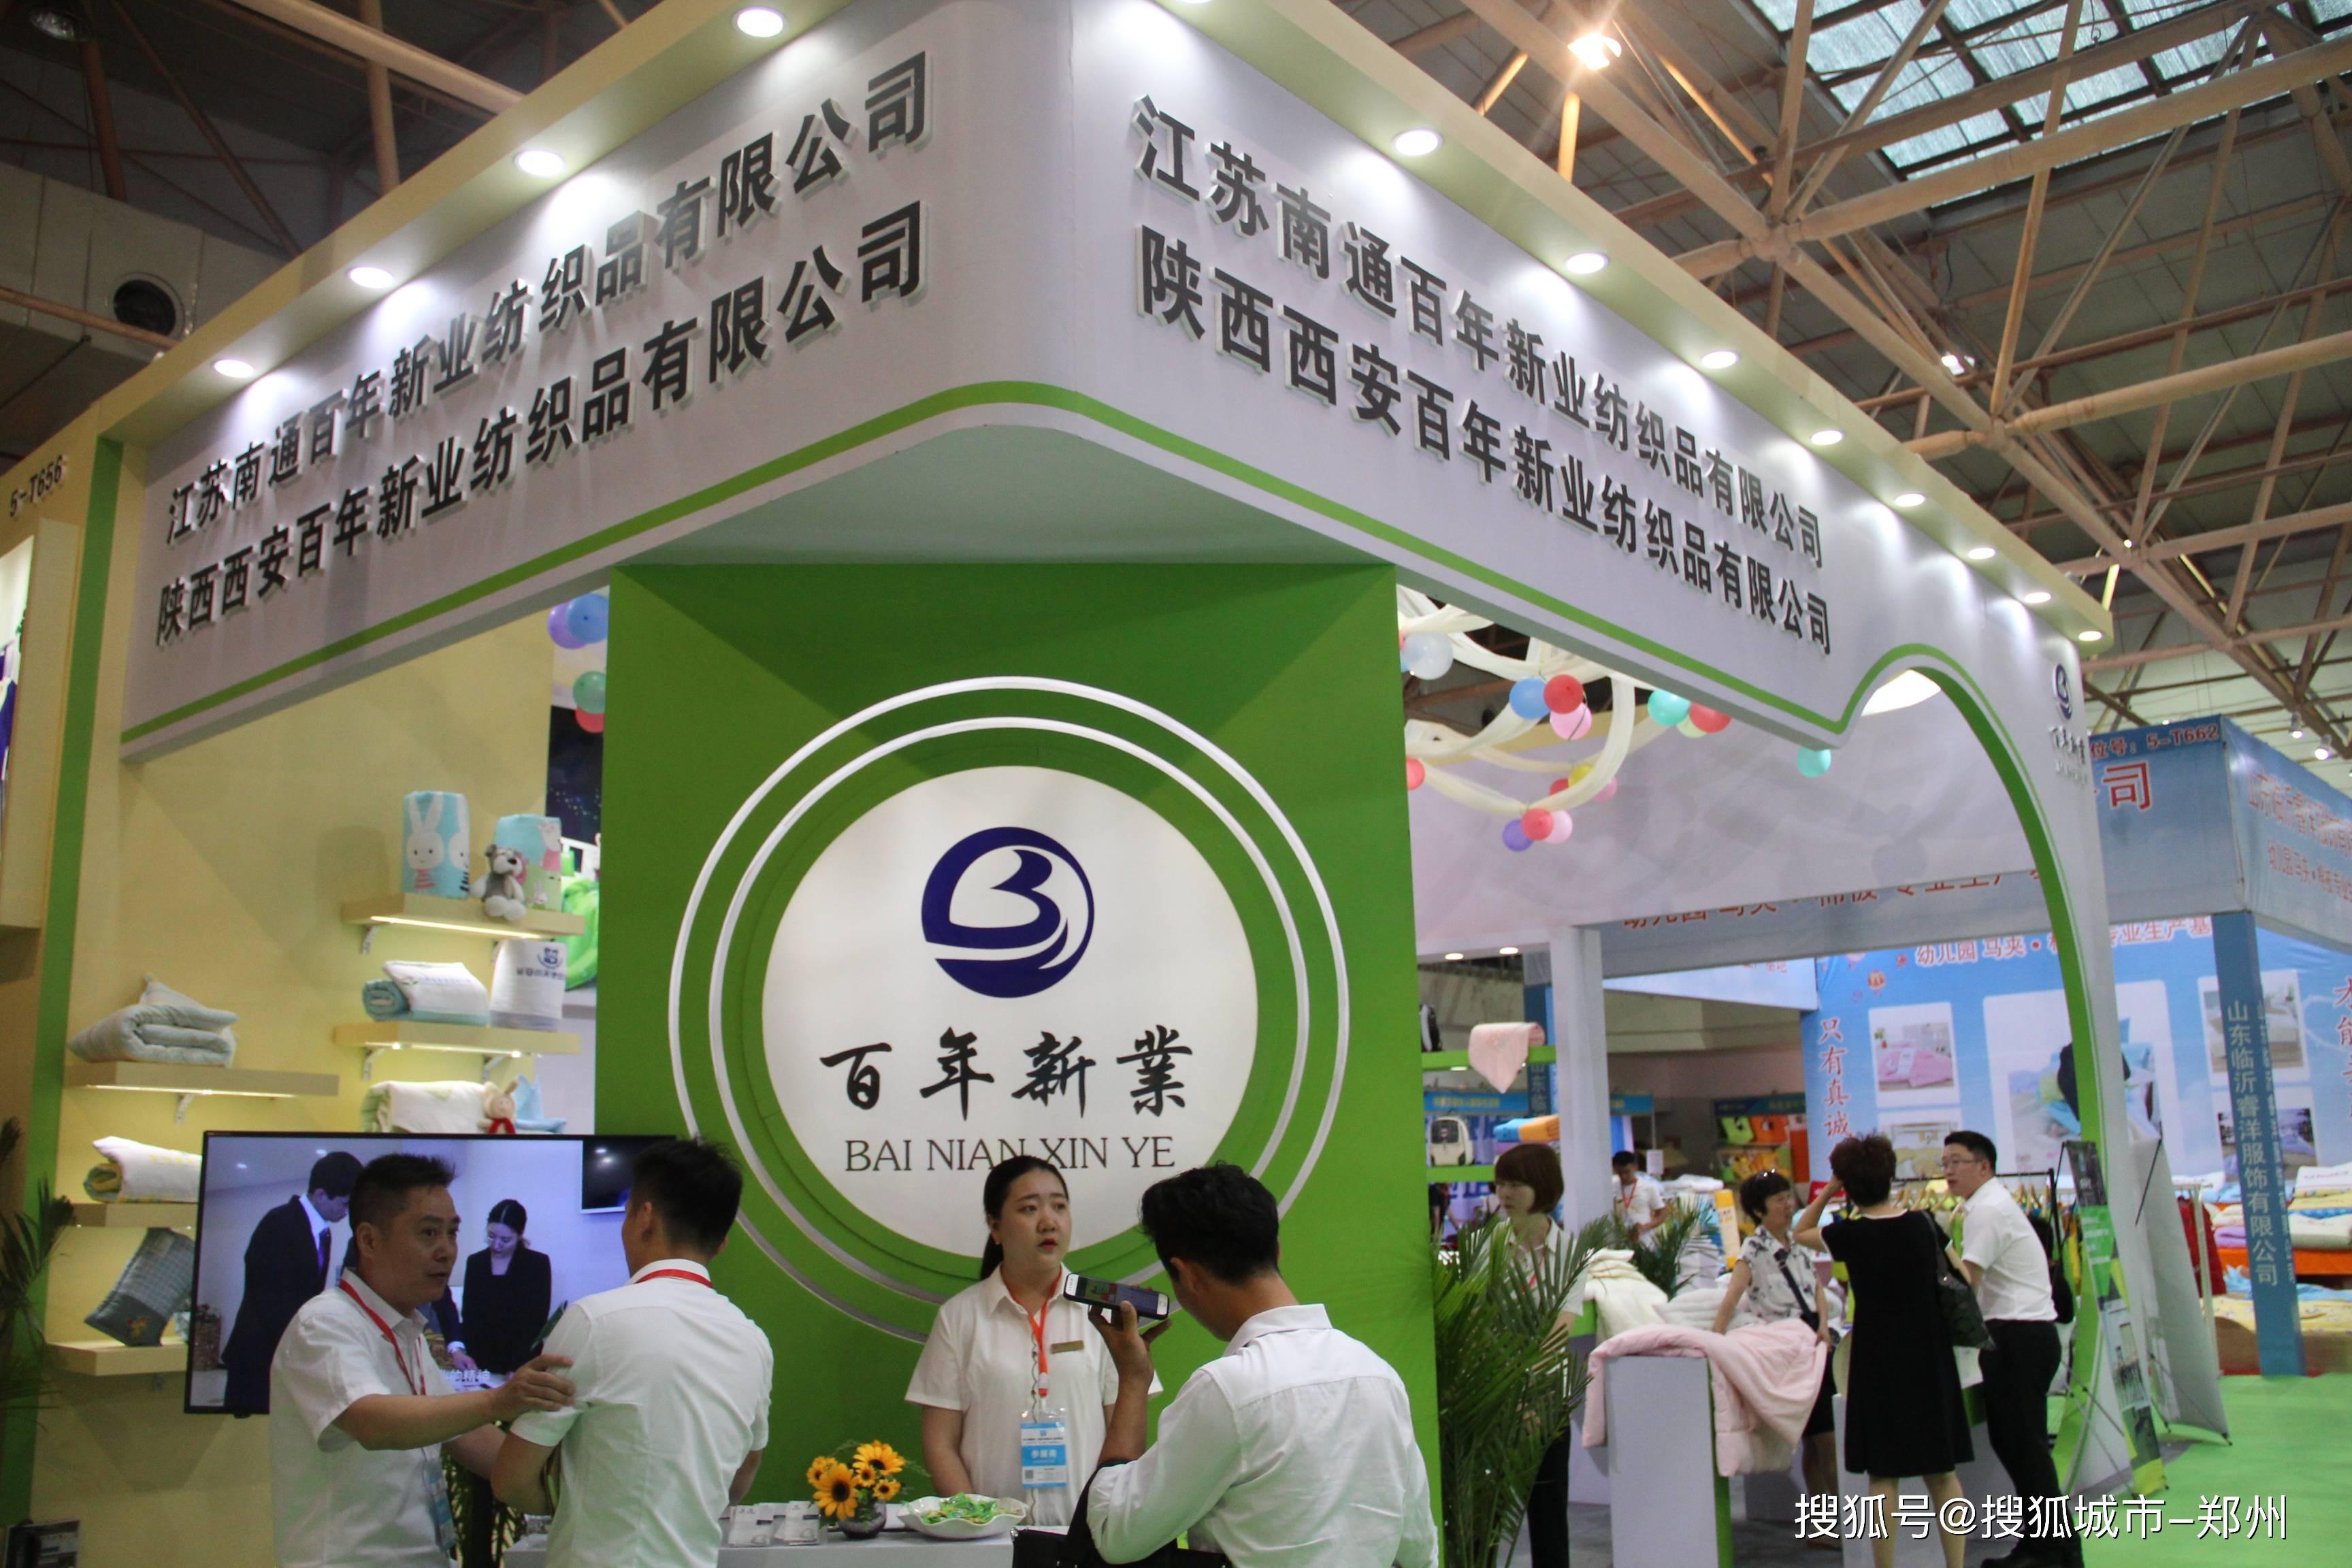 本周末,到郑州会展中心逛欧亚幼儿教育及酒店用品博览会吧